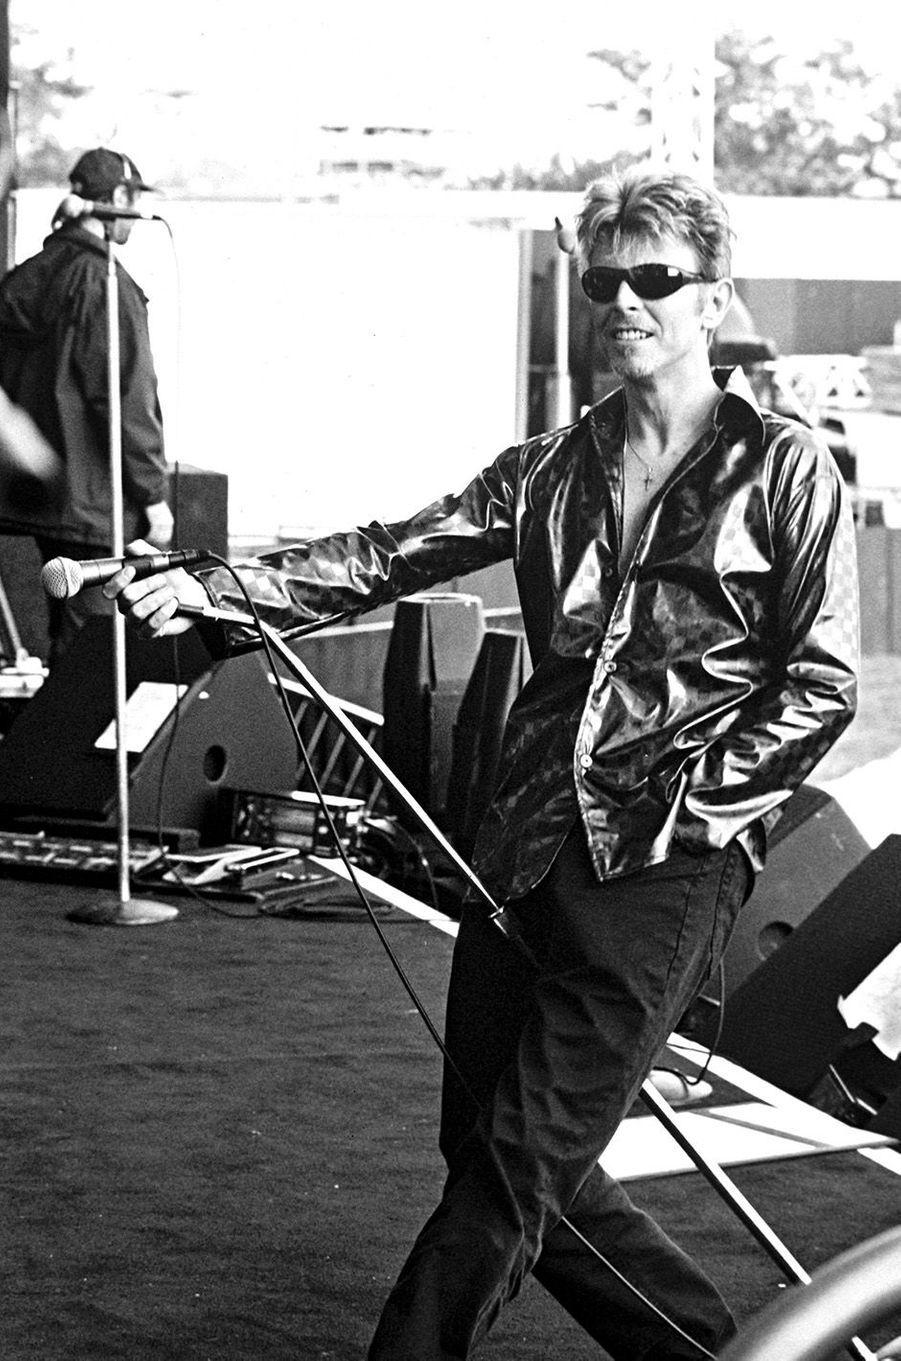 David Bowie en concert à Hertford en 1995.